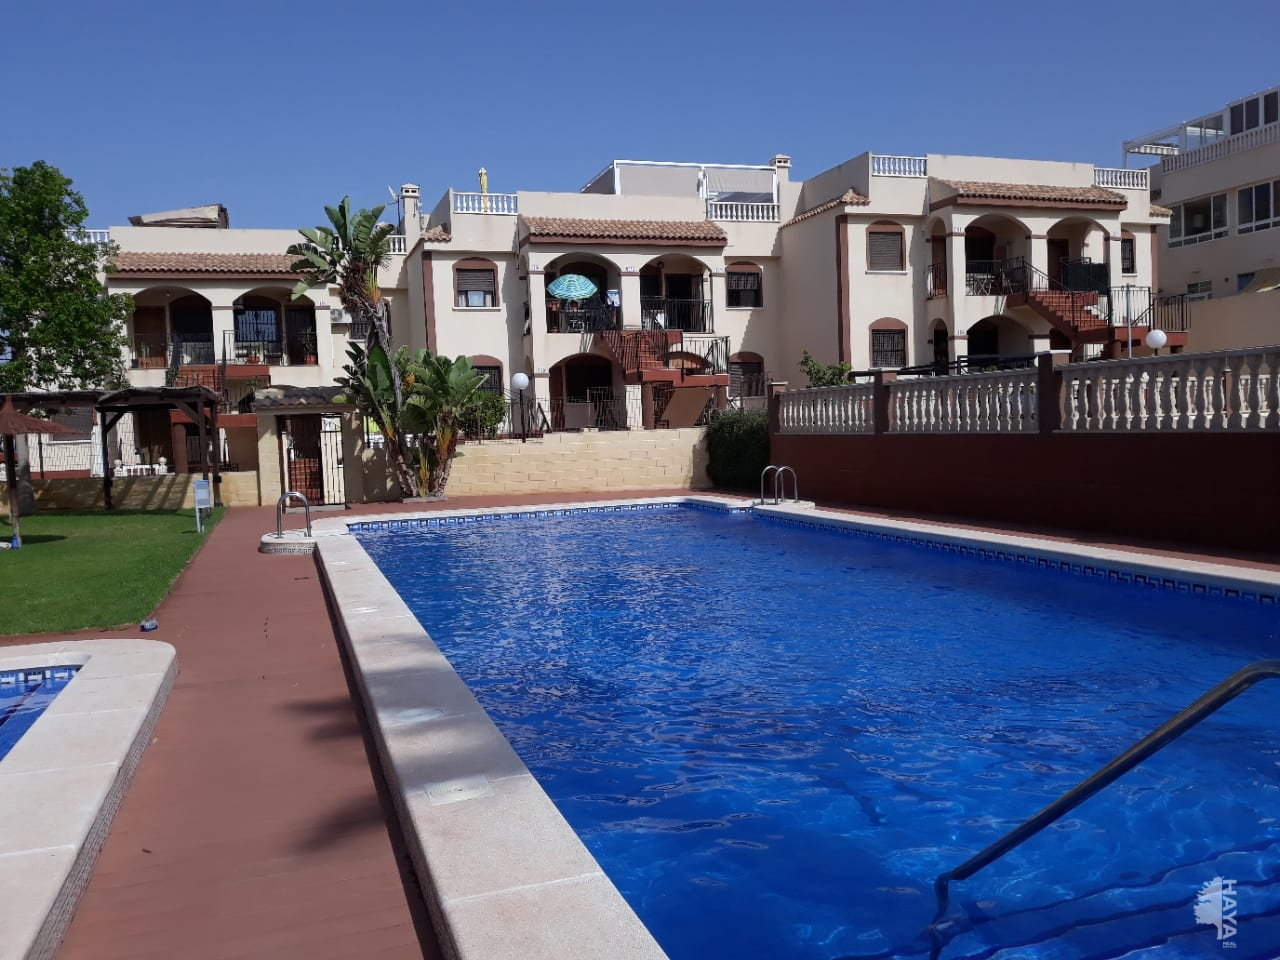 Piso en venta en La Mata, Torrevieja, Alicante, Avenida Asoc Victimas Terrorismo, 87.000 €, 2 habitaciones, 1 baño, 69 m2